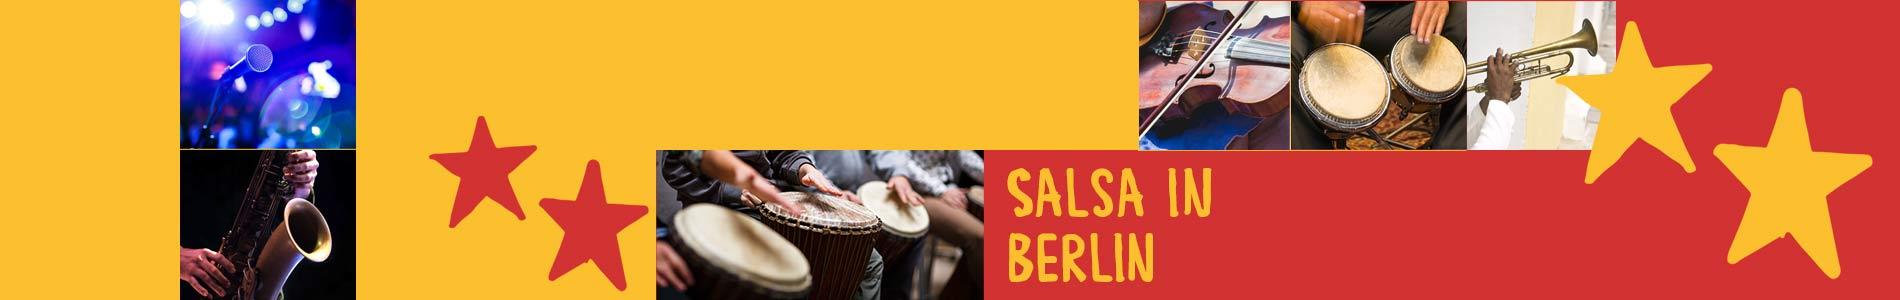 Salsa in Berlin – Salsa lernen und tanzen, Tanzkurse, Partys, Veranstaltungen